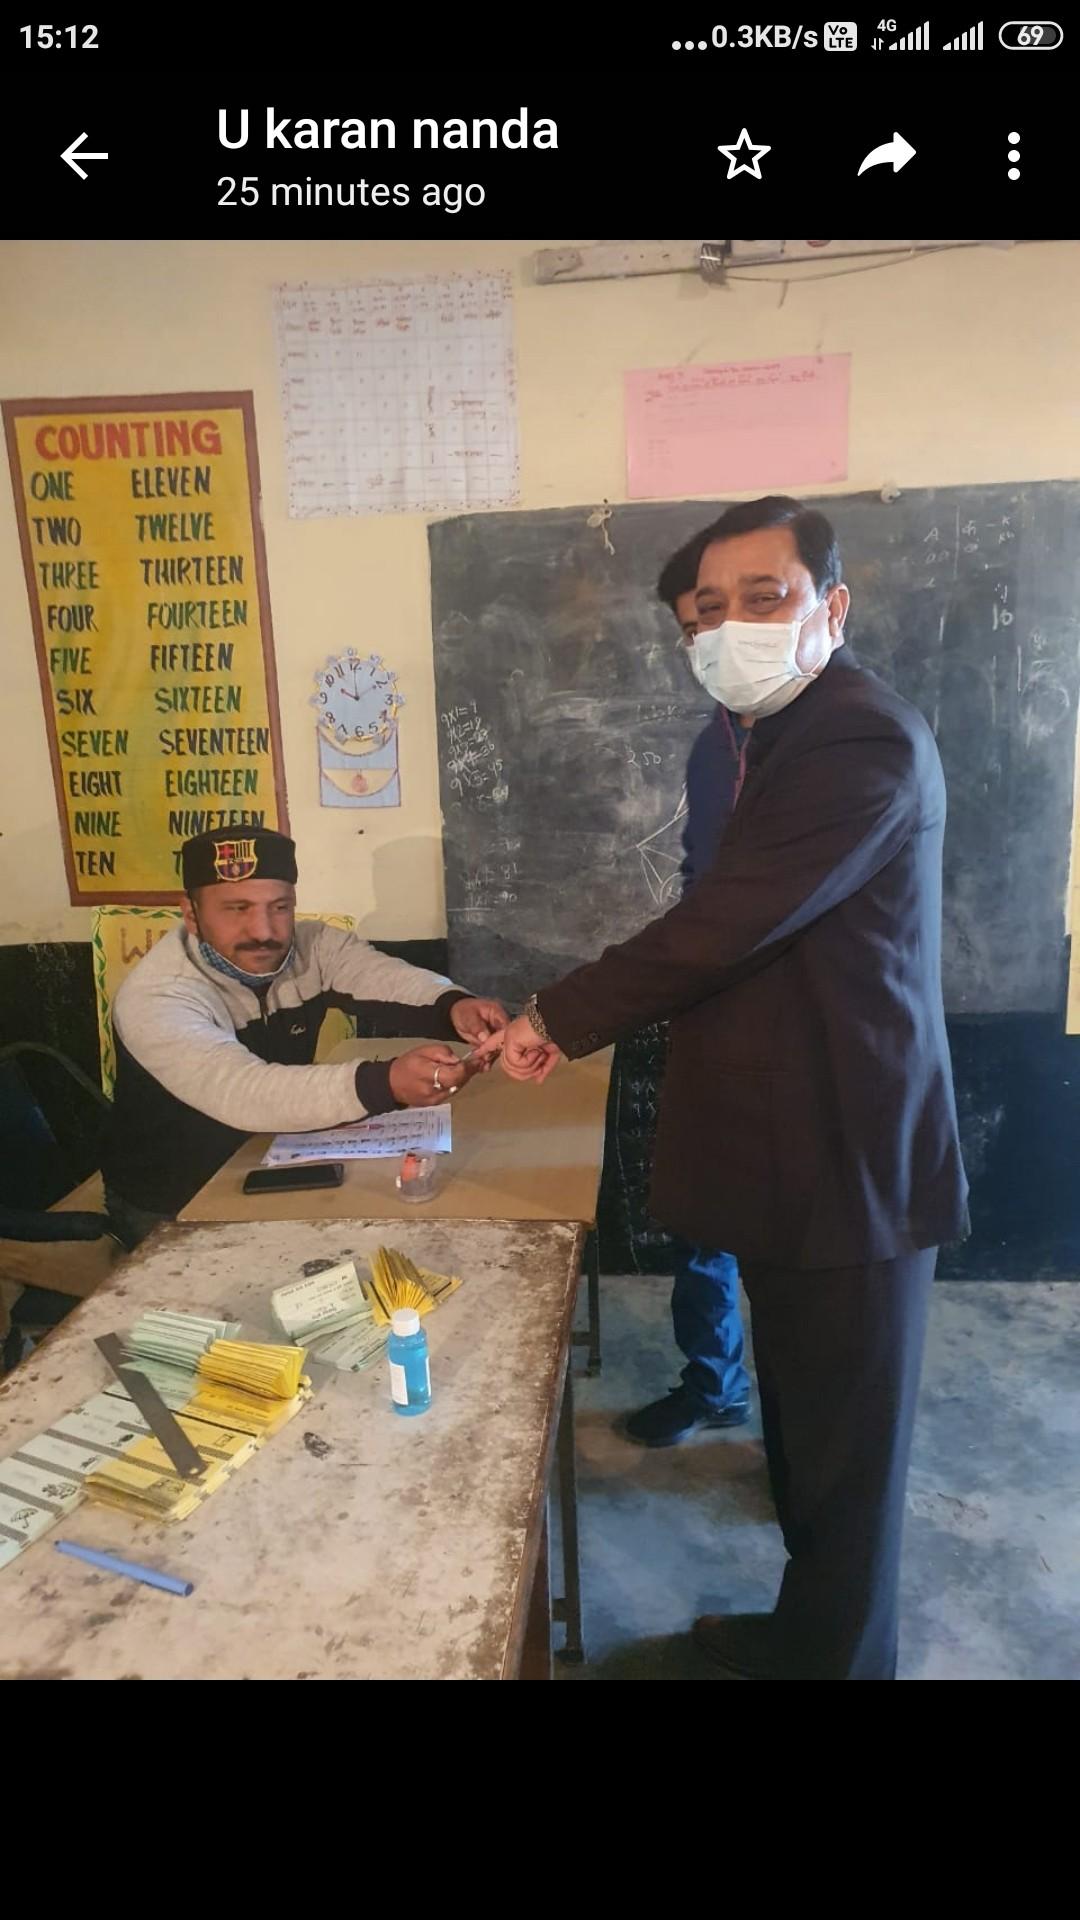 BJP अध्यक्ष सुरेश कश्यप ने अपने परिवार संग सिरमौर की बज्गा पंचायत में डाला वोट